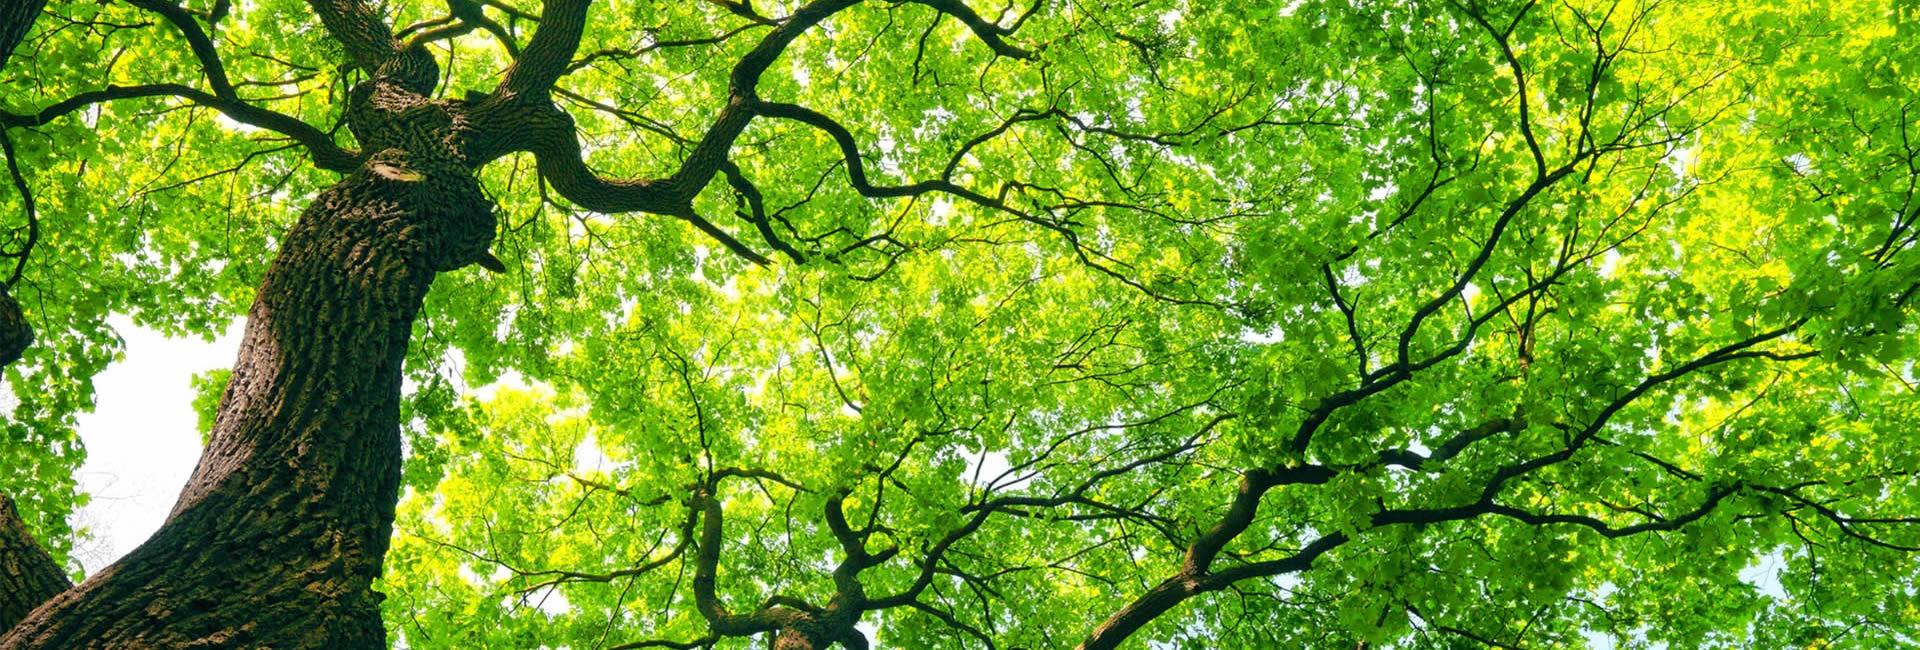 Sydney Tree Removals Arborist Looping Removal Sydney